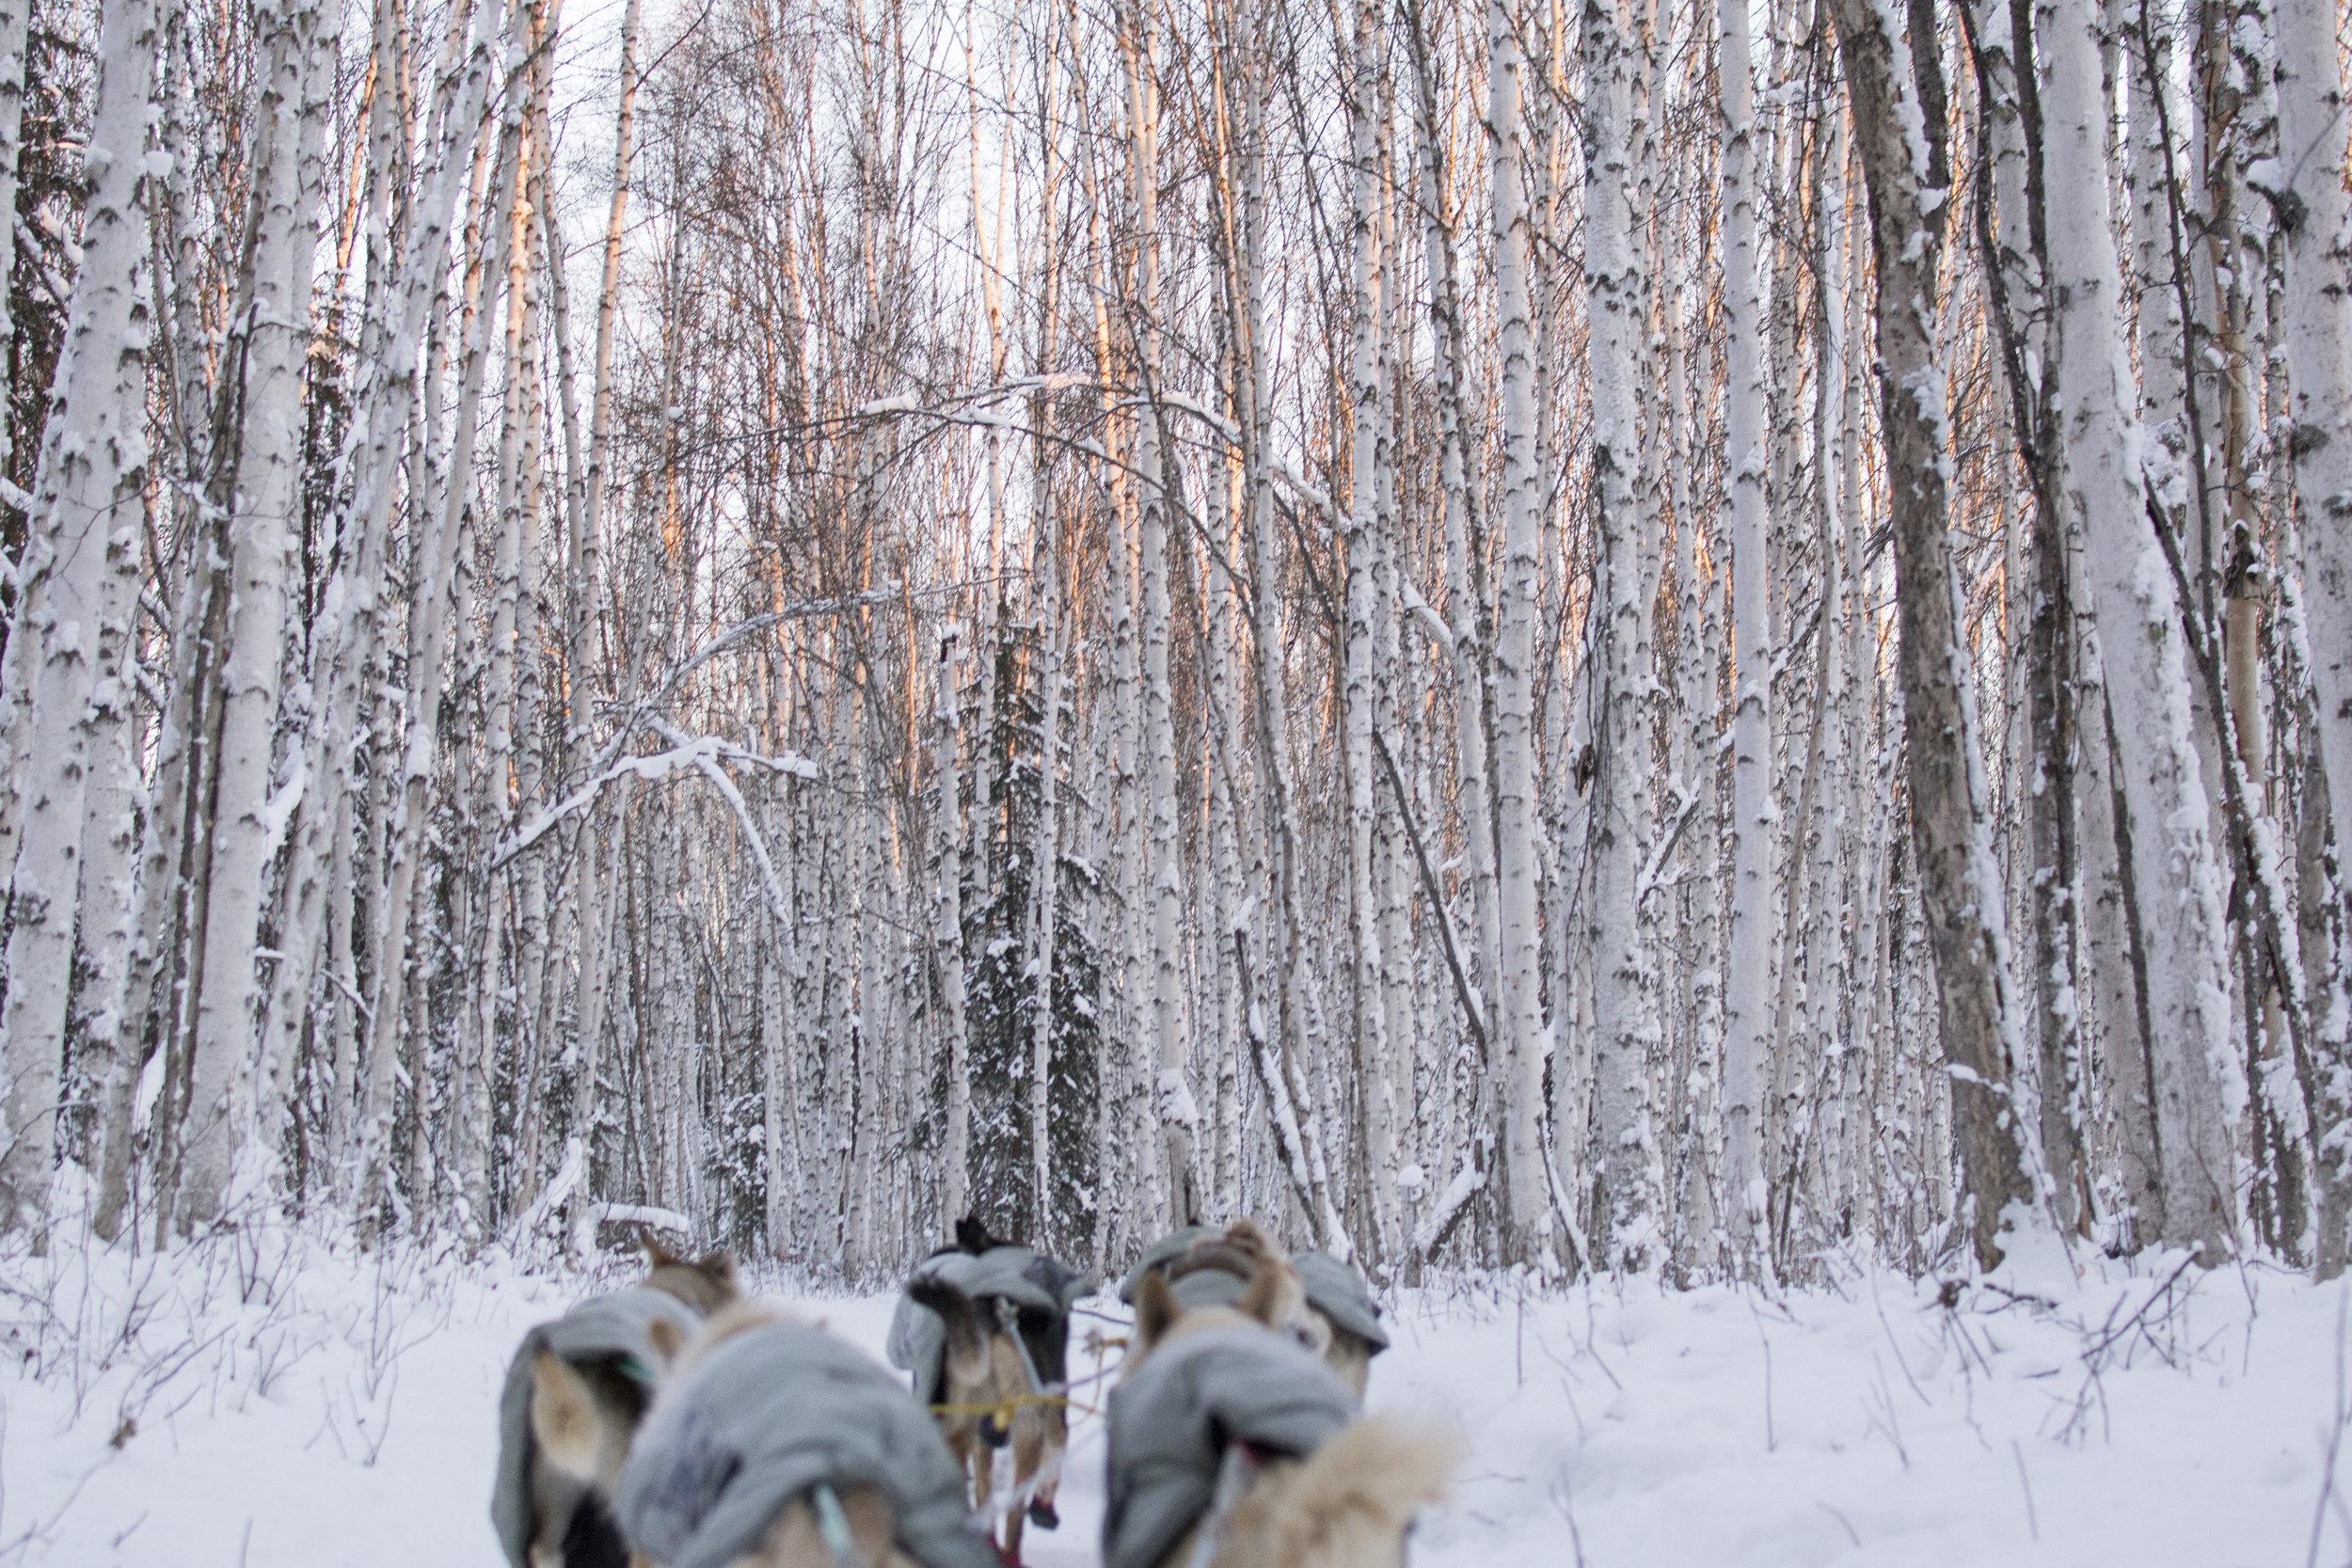 Winding through a Birch forest